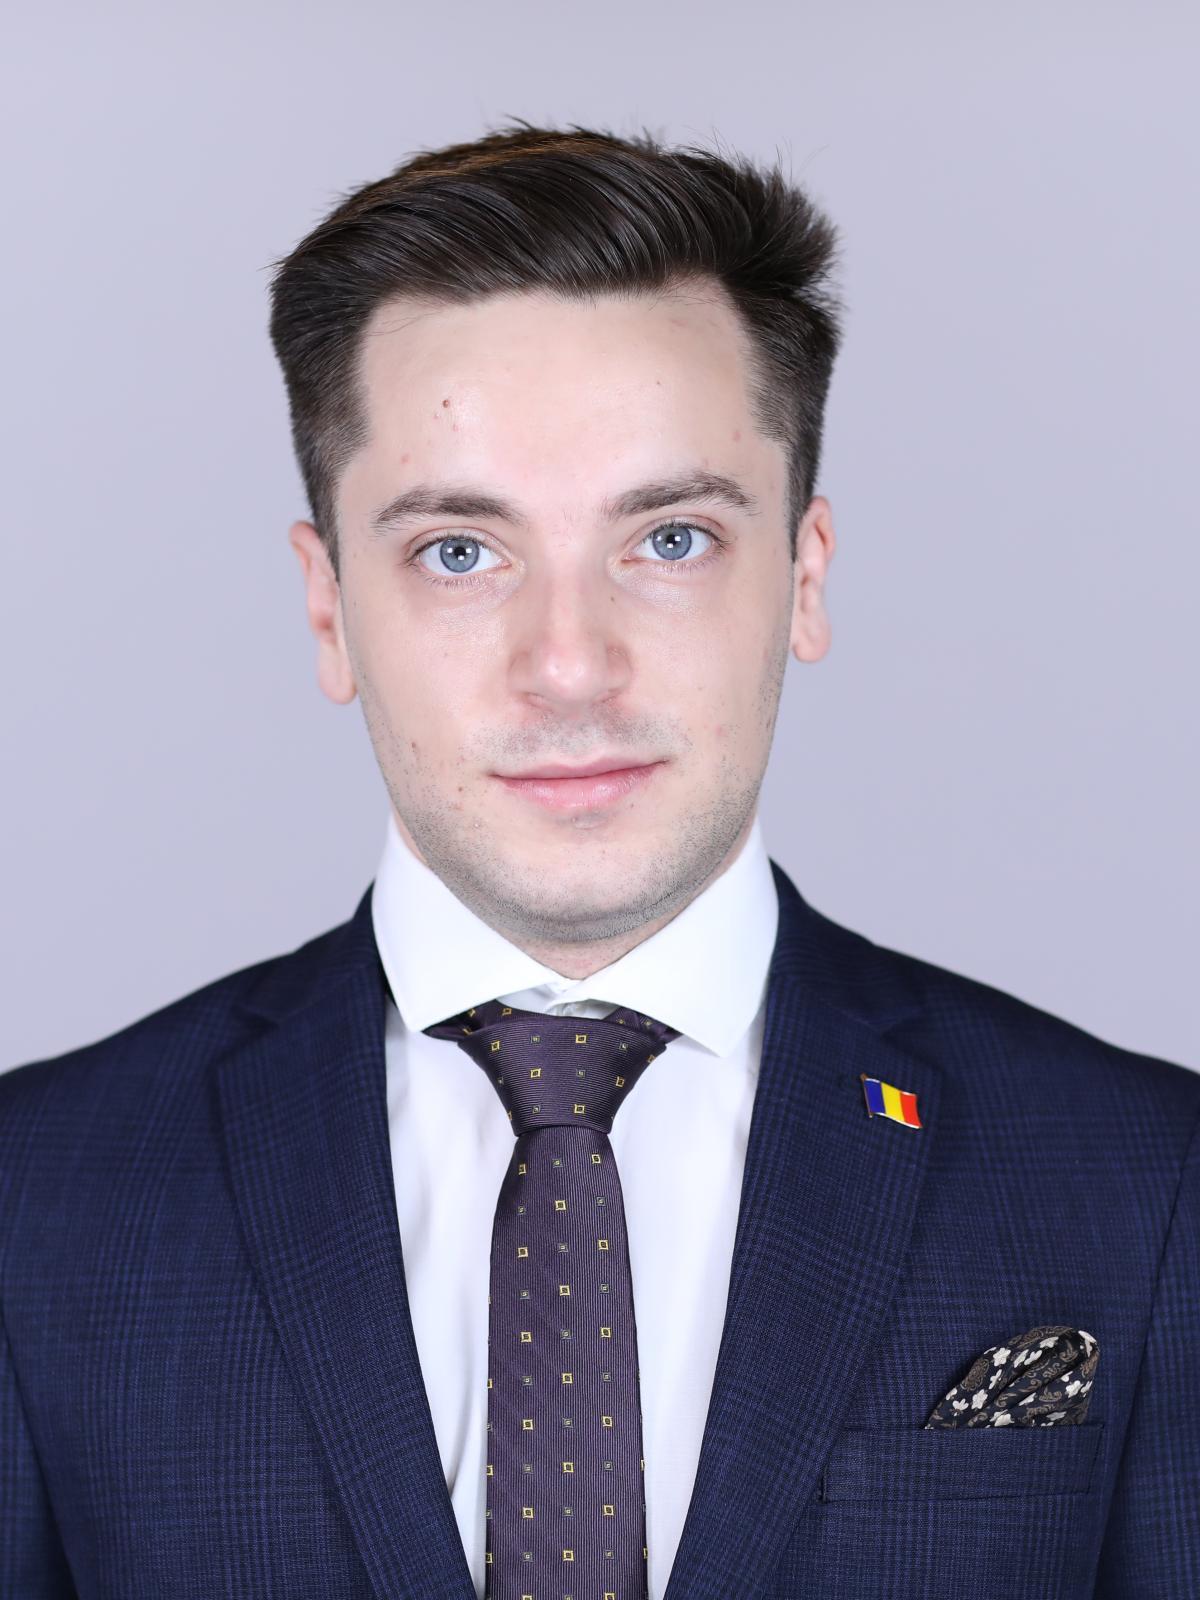 Filip Hăvârneanu